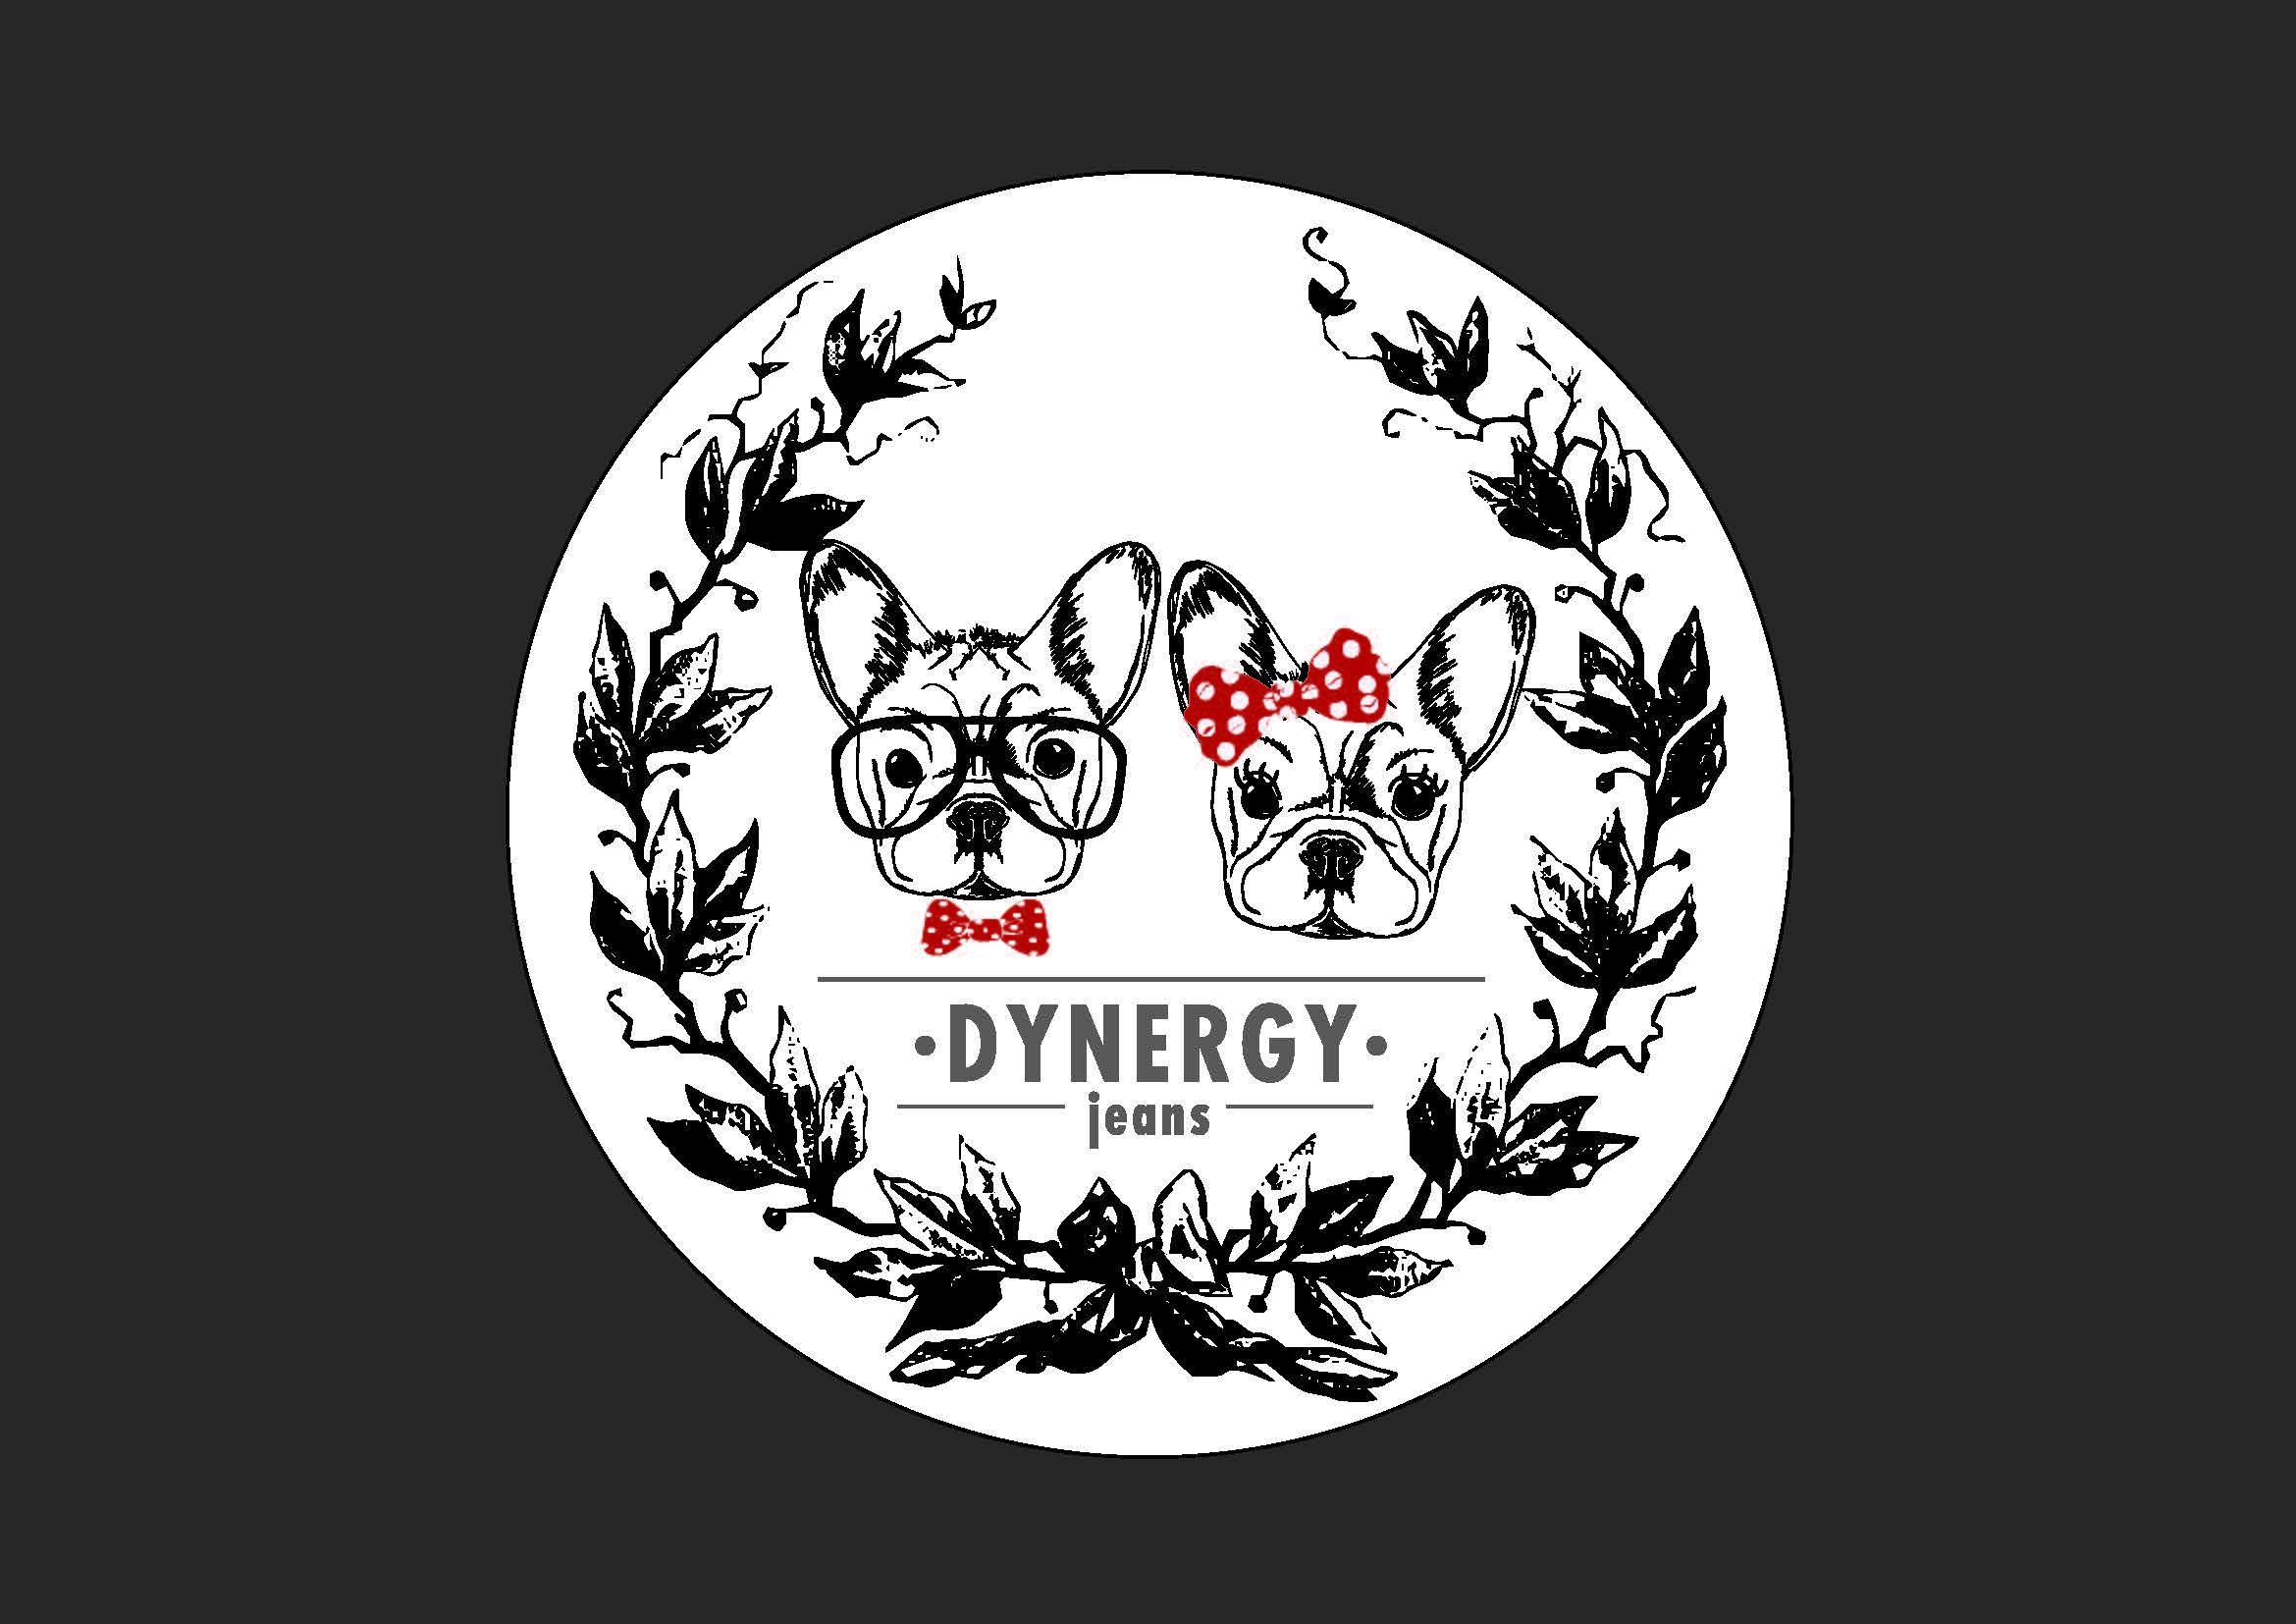 Dynergy